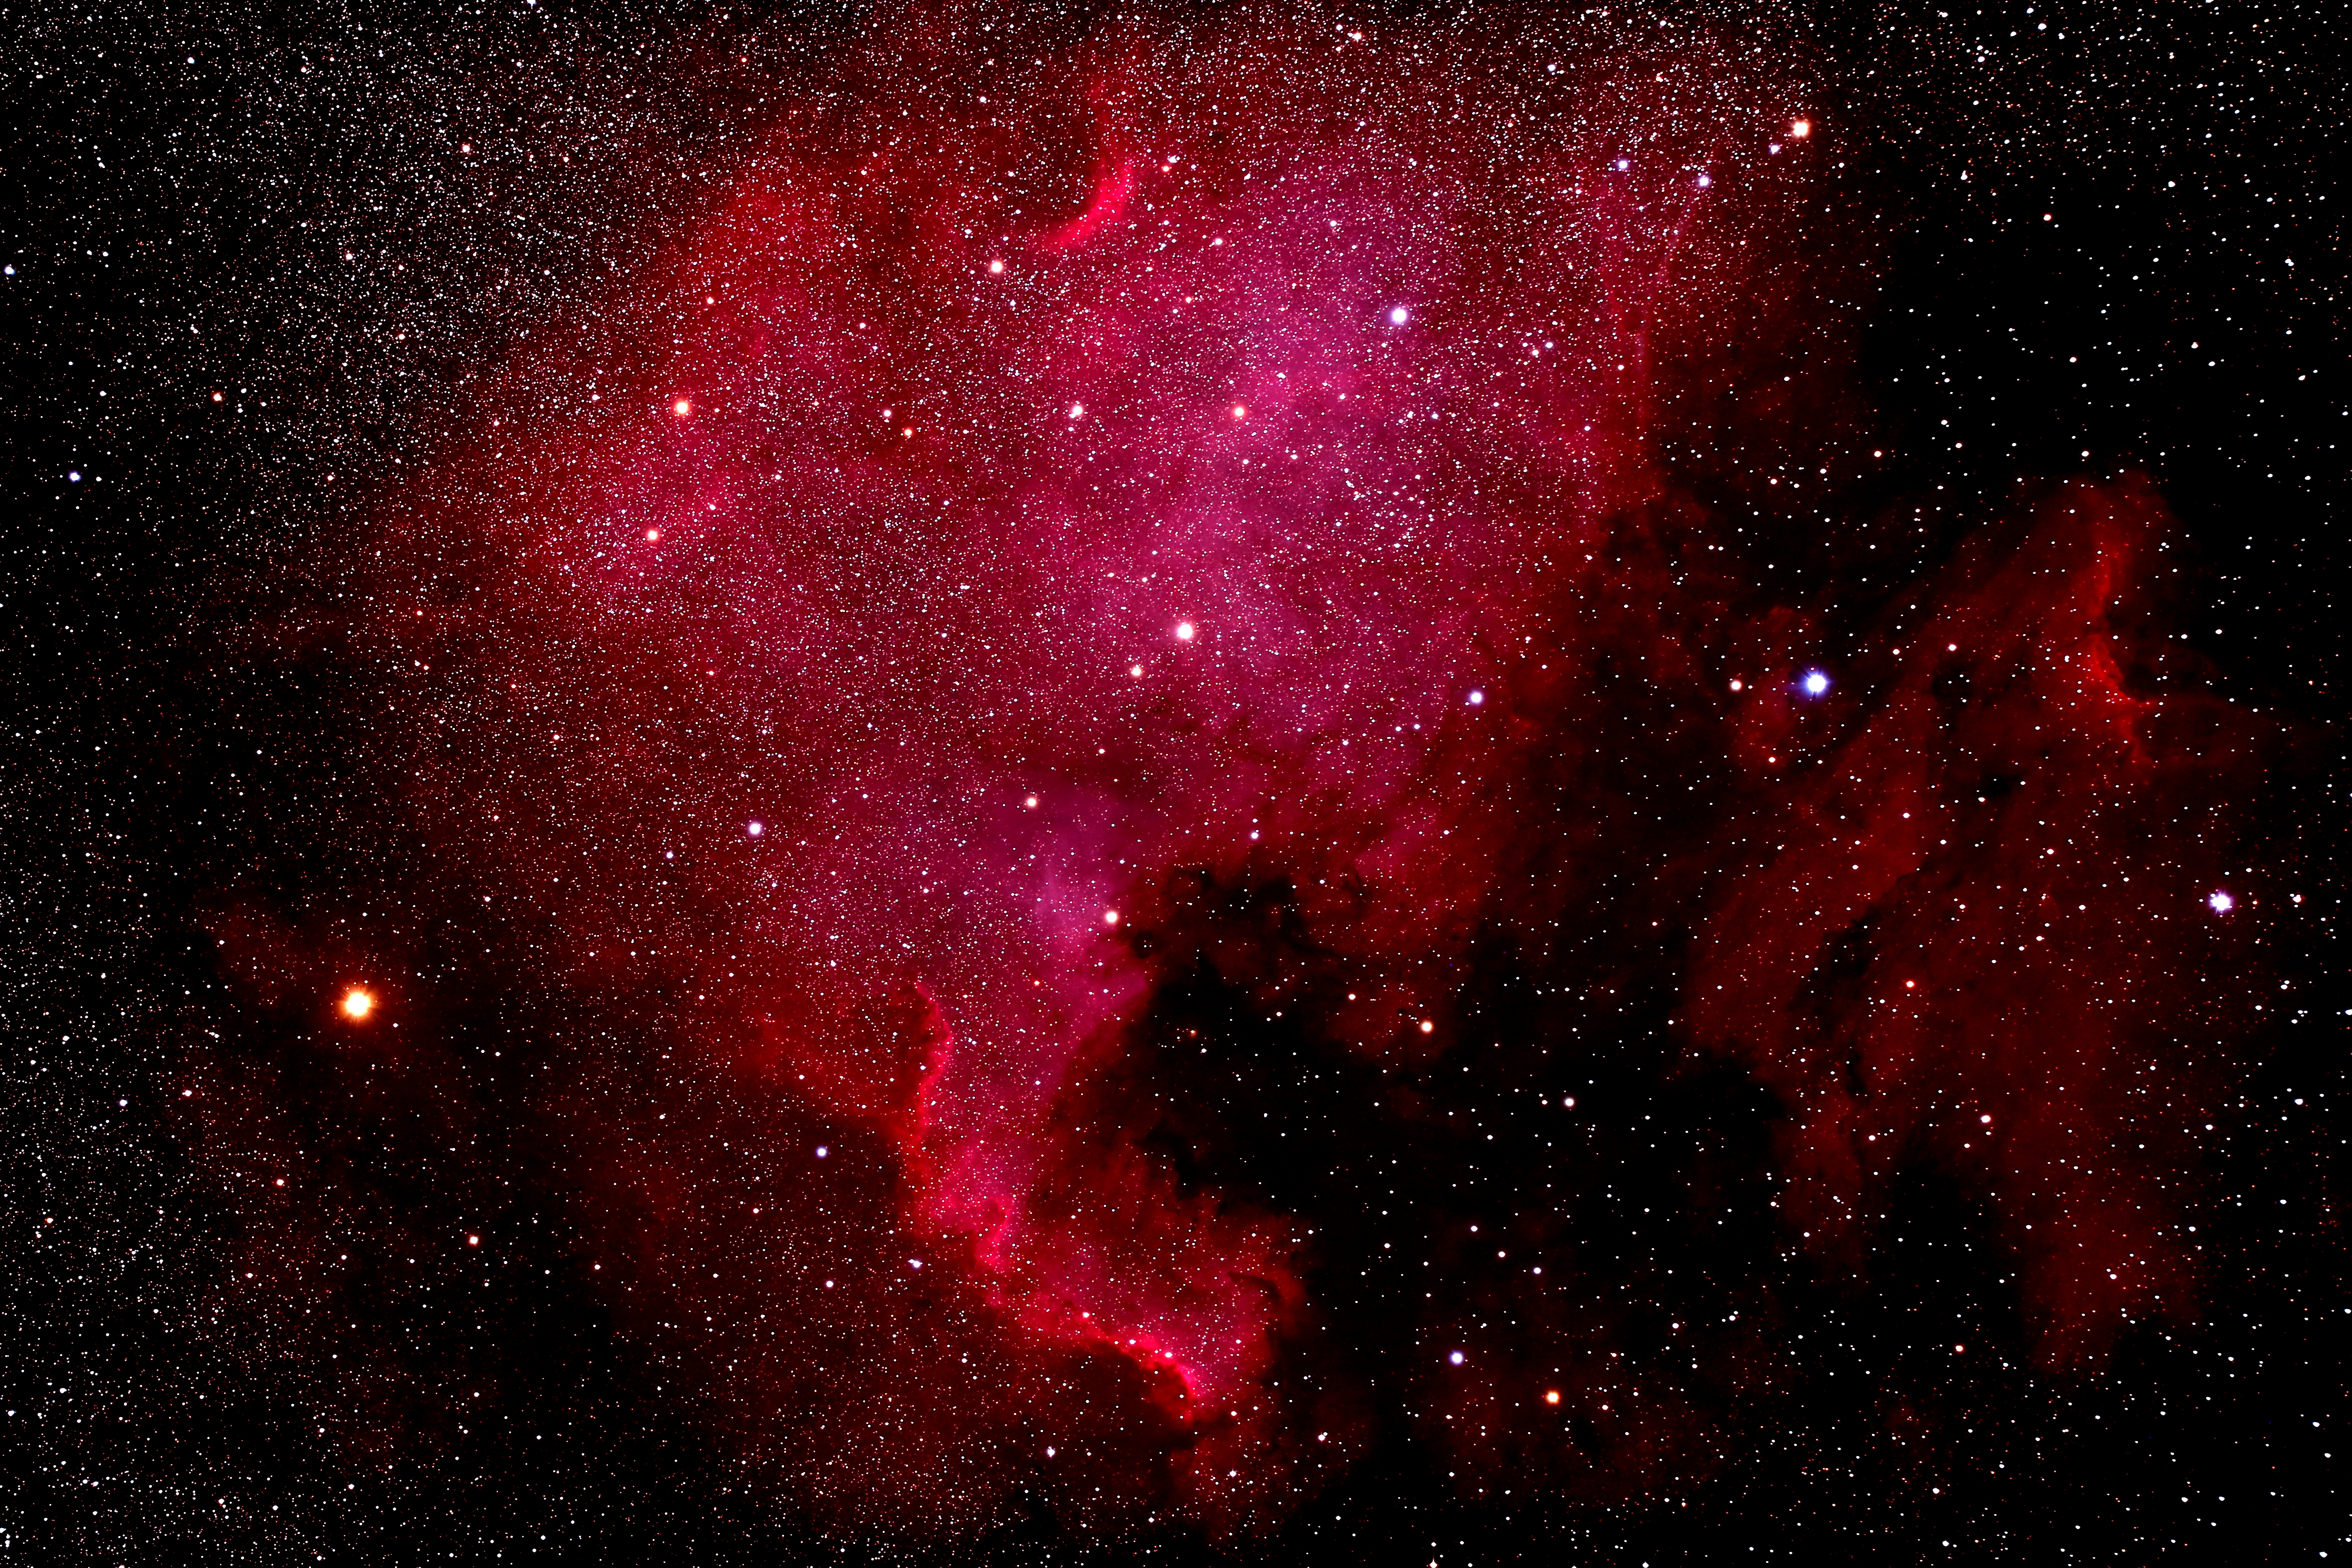 north-american-nebula-final-5aebdb11558c45ad3c0f35833f3158e45d972aaf